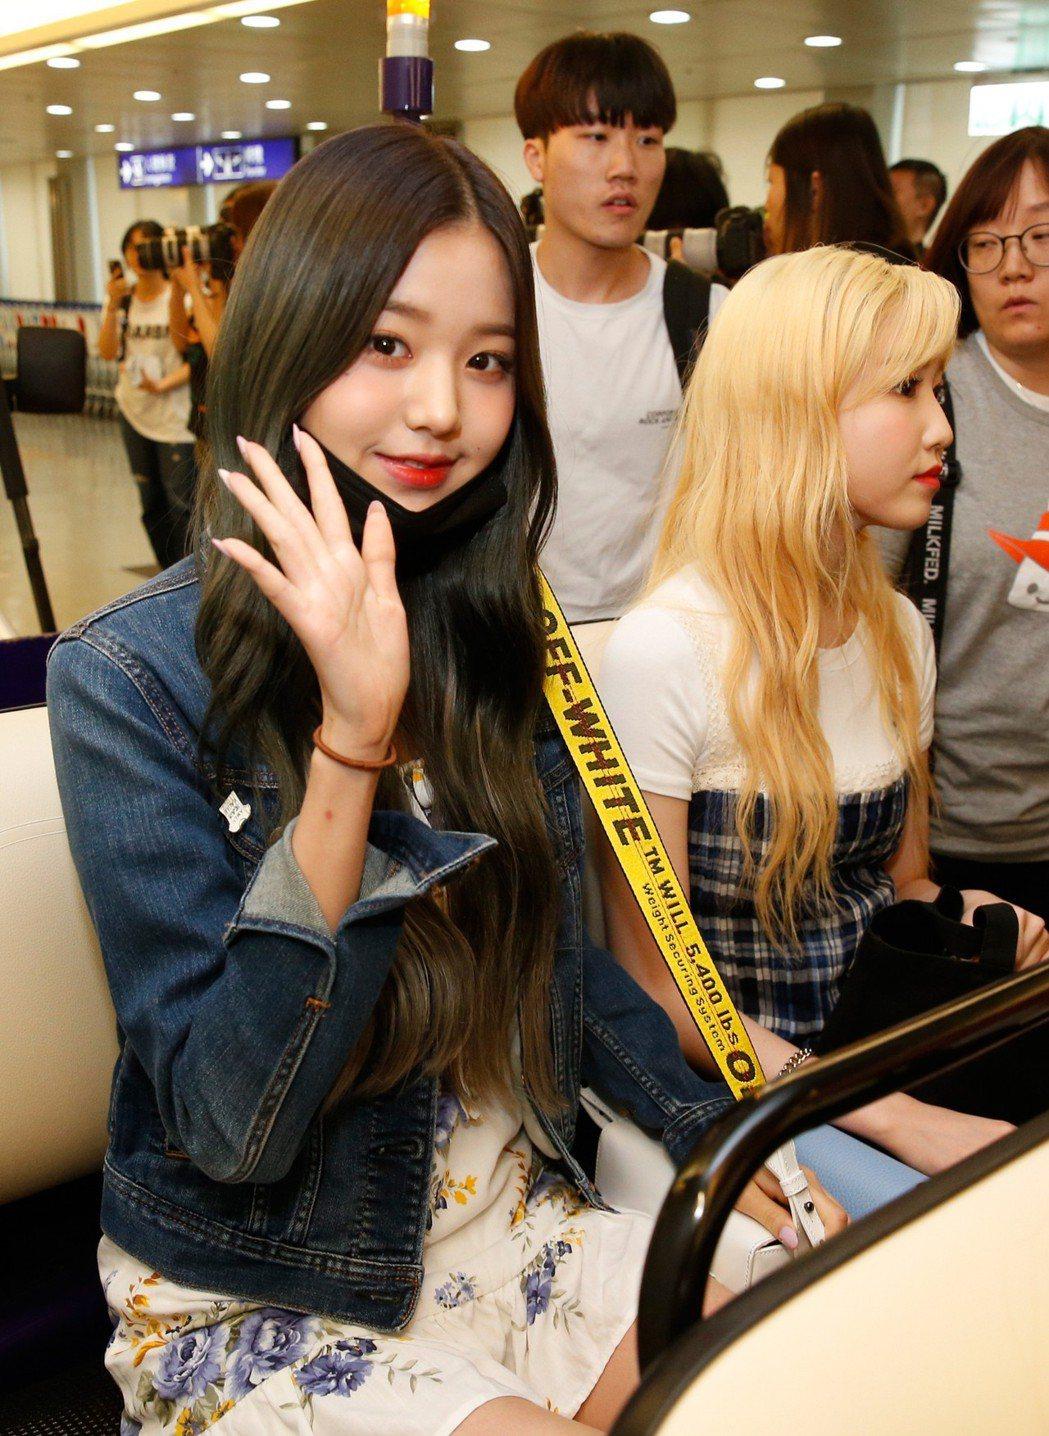 韓國限定女團「IZ*ONE」傍晚抵台,她們親切地跟粉絲揮手致意。記者鄭超文/攝影